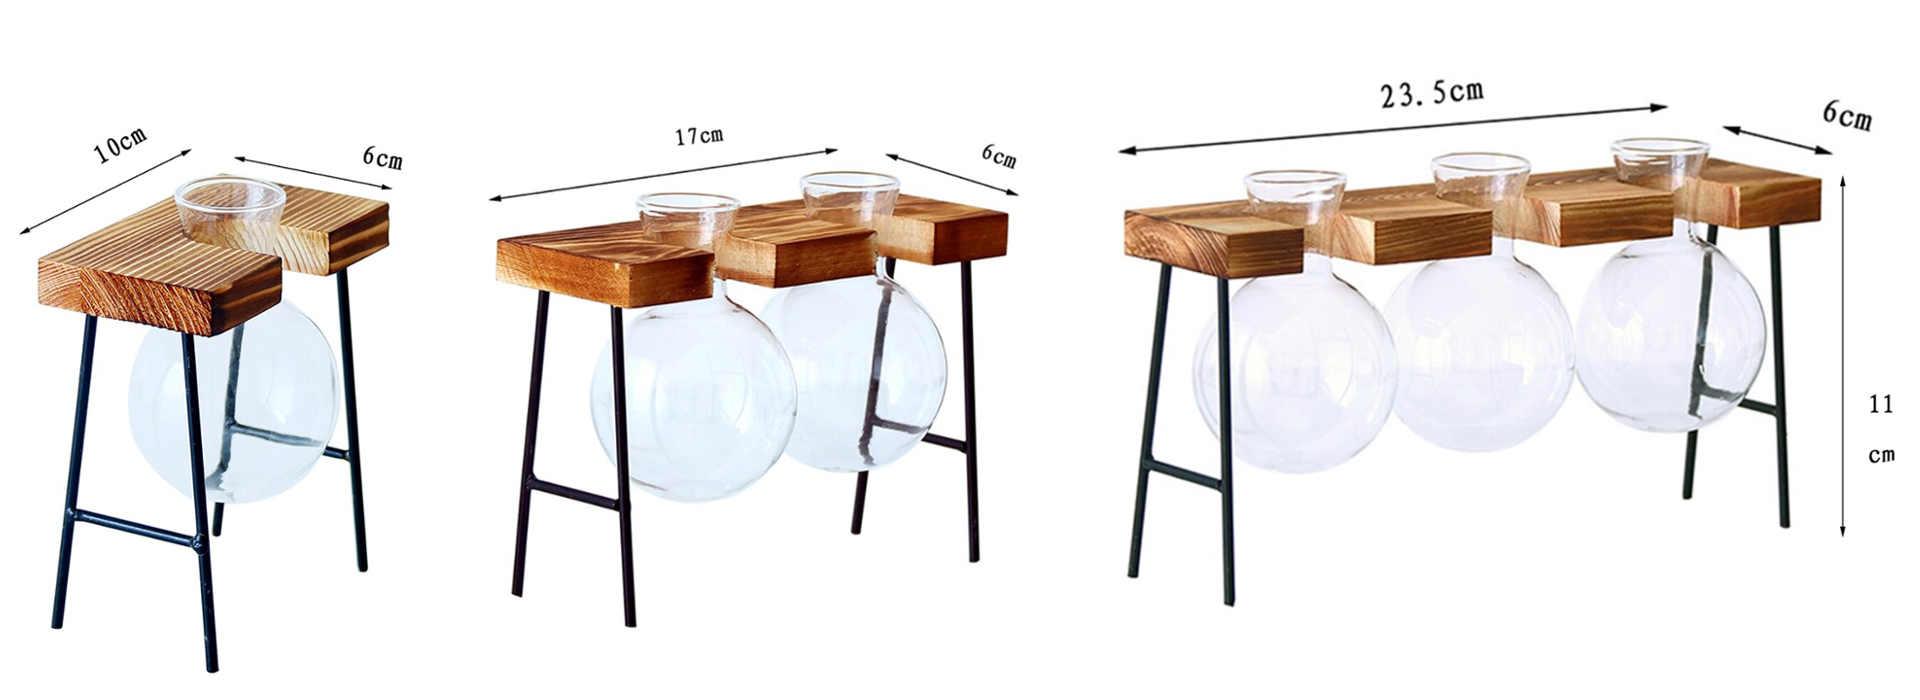 Dimensions d'un vase pour déco de table modèle présentoir bois